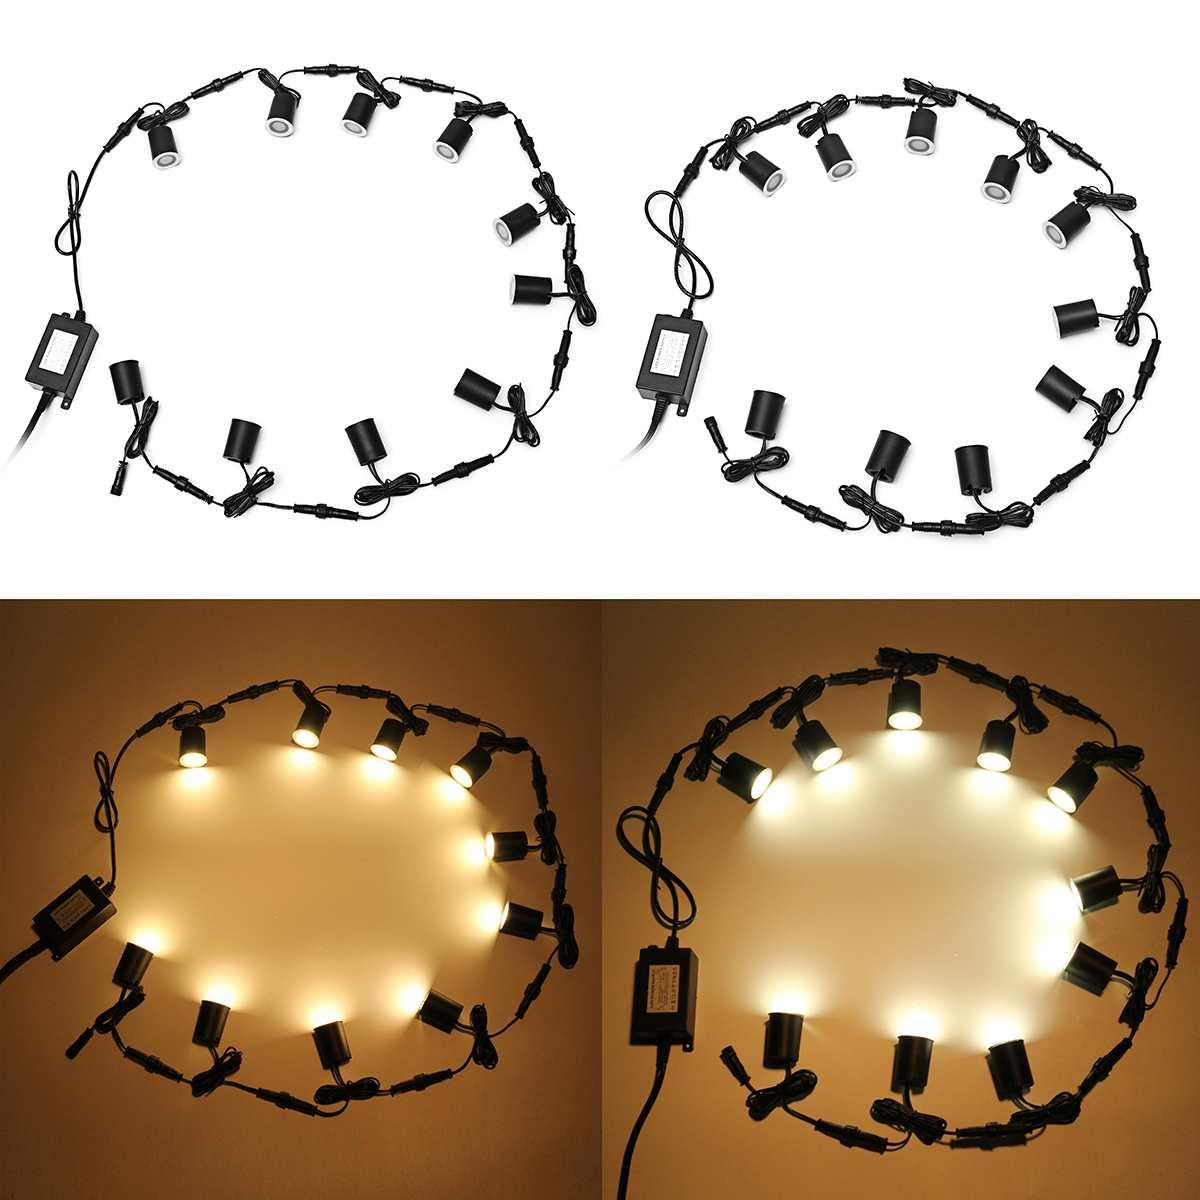 Mising 10 pcs/lot 32mm lampe d'extérieur LED étanche lampes enterrées à l'extérieur encastré escalier lampe lumière de plancher LED spot mural